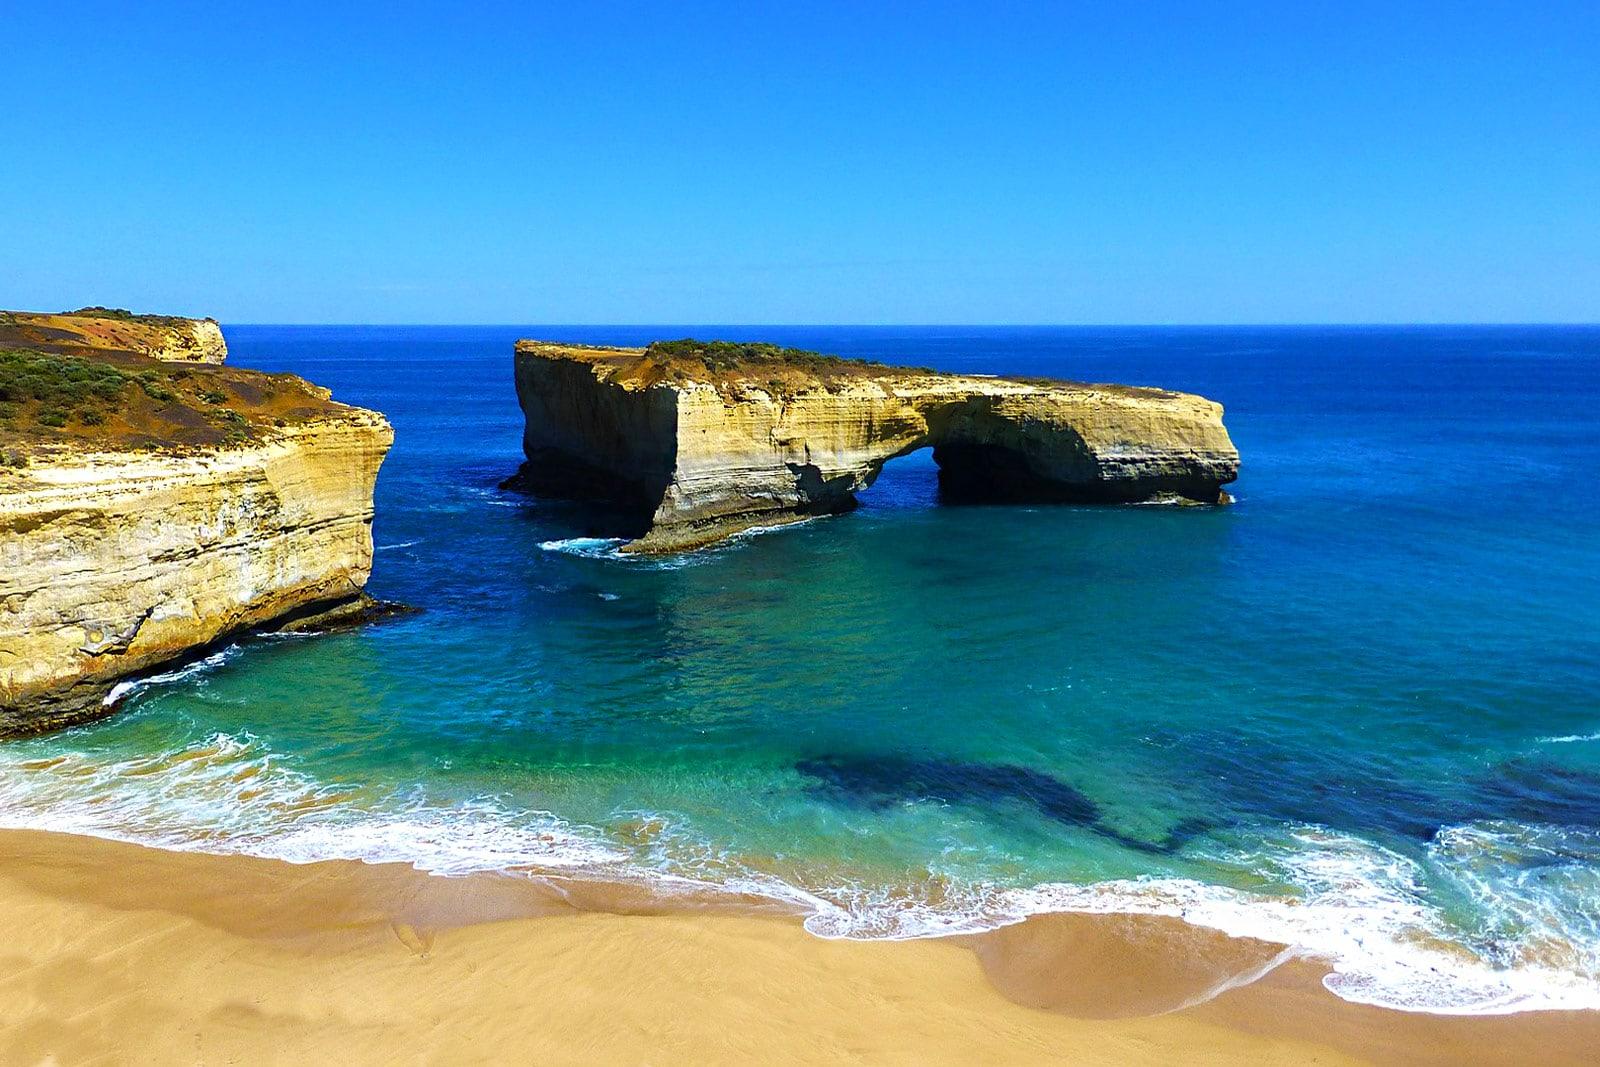 London Bogen Grosse Ozeanstrasse Australien